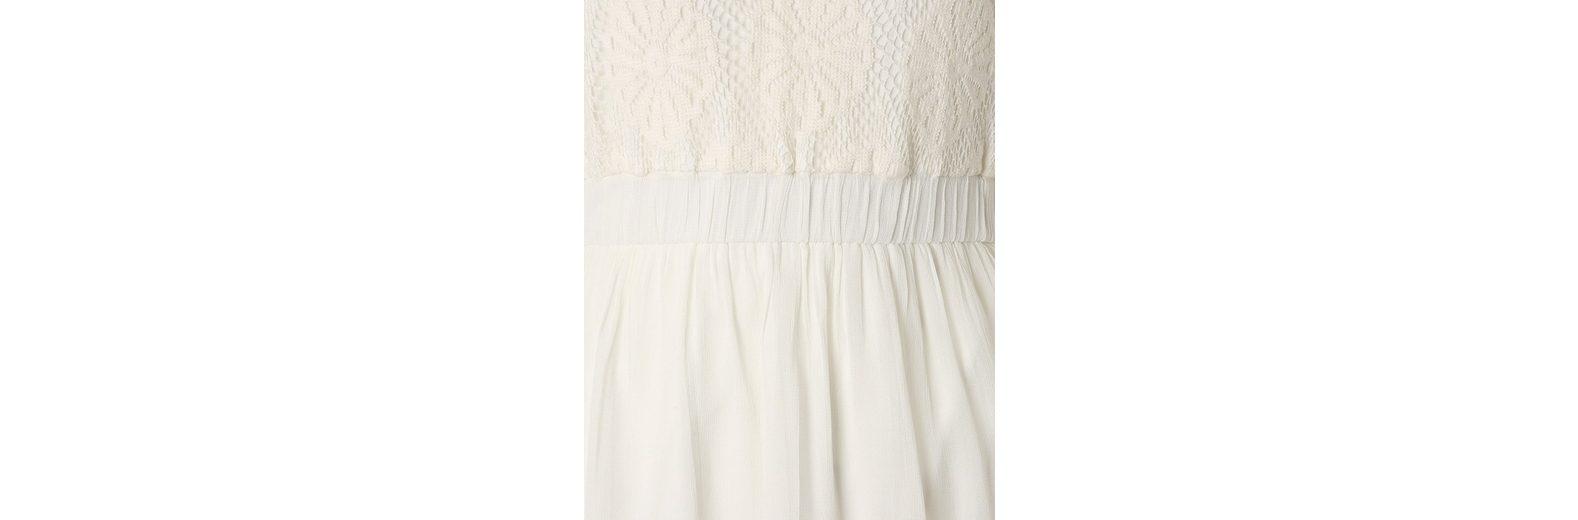 Sisters Point Sommerkleid Isol Billig Verkauf Neuesten Kollektionen Mit Paypal Freiem Verschiffen Günstigste Preis Verkauf Online C9AV4